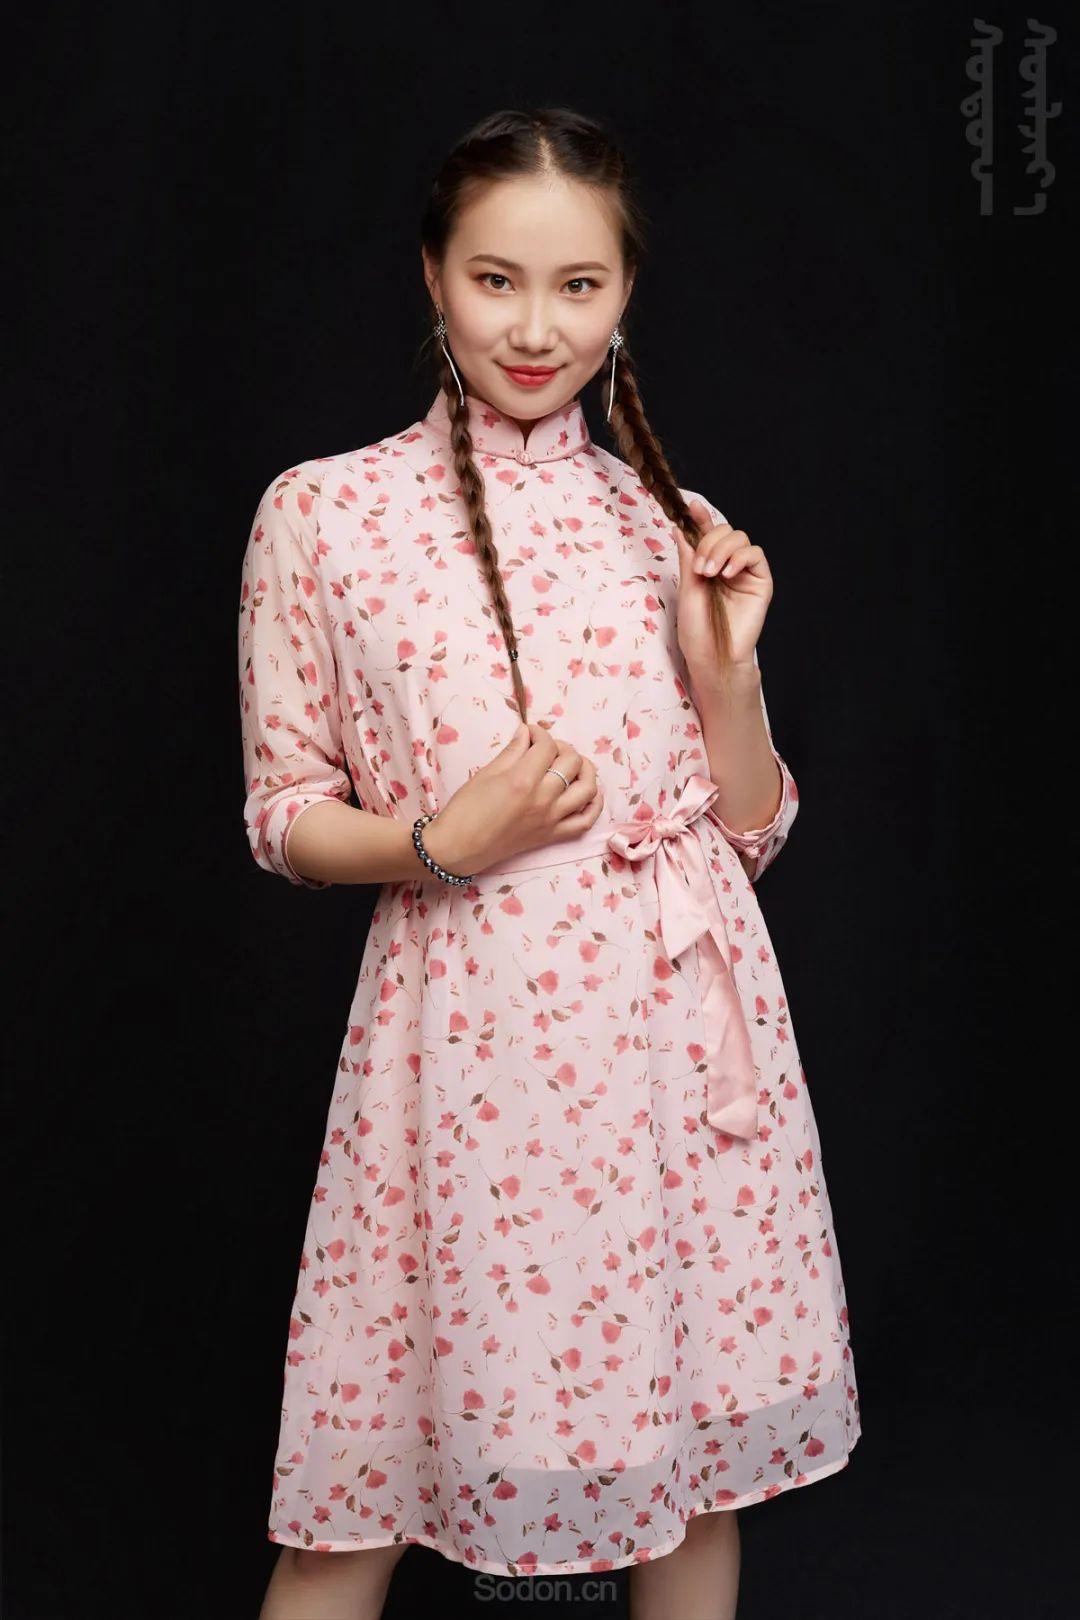 DOMOG蒙古时装2020新款夏季连衣裙首发,618钜惠七折! 第13张